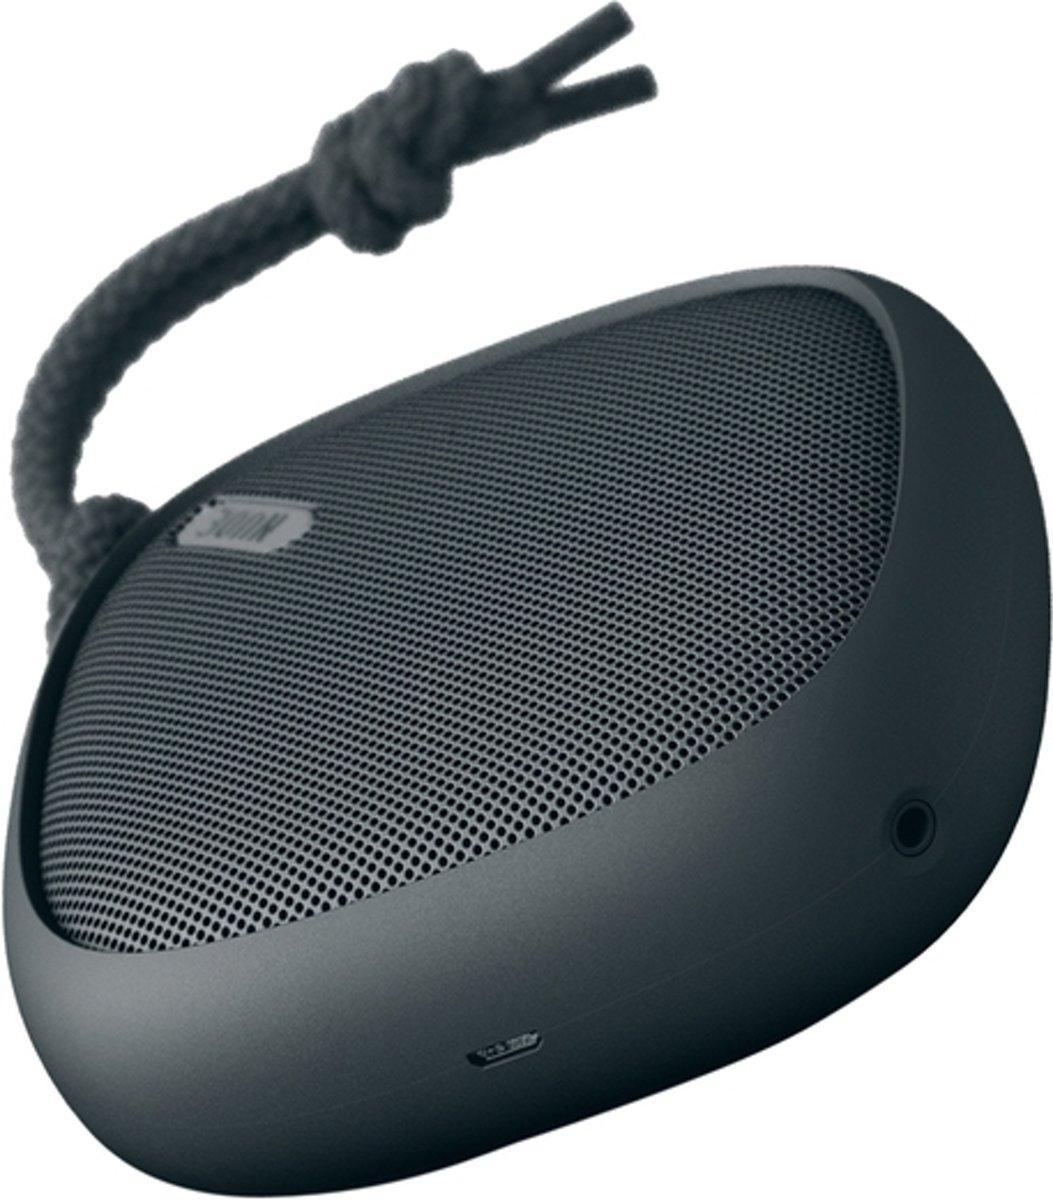 Nude Audio PS003 Move M - Zwart kopen